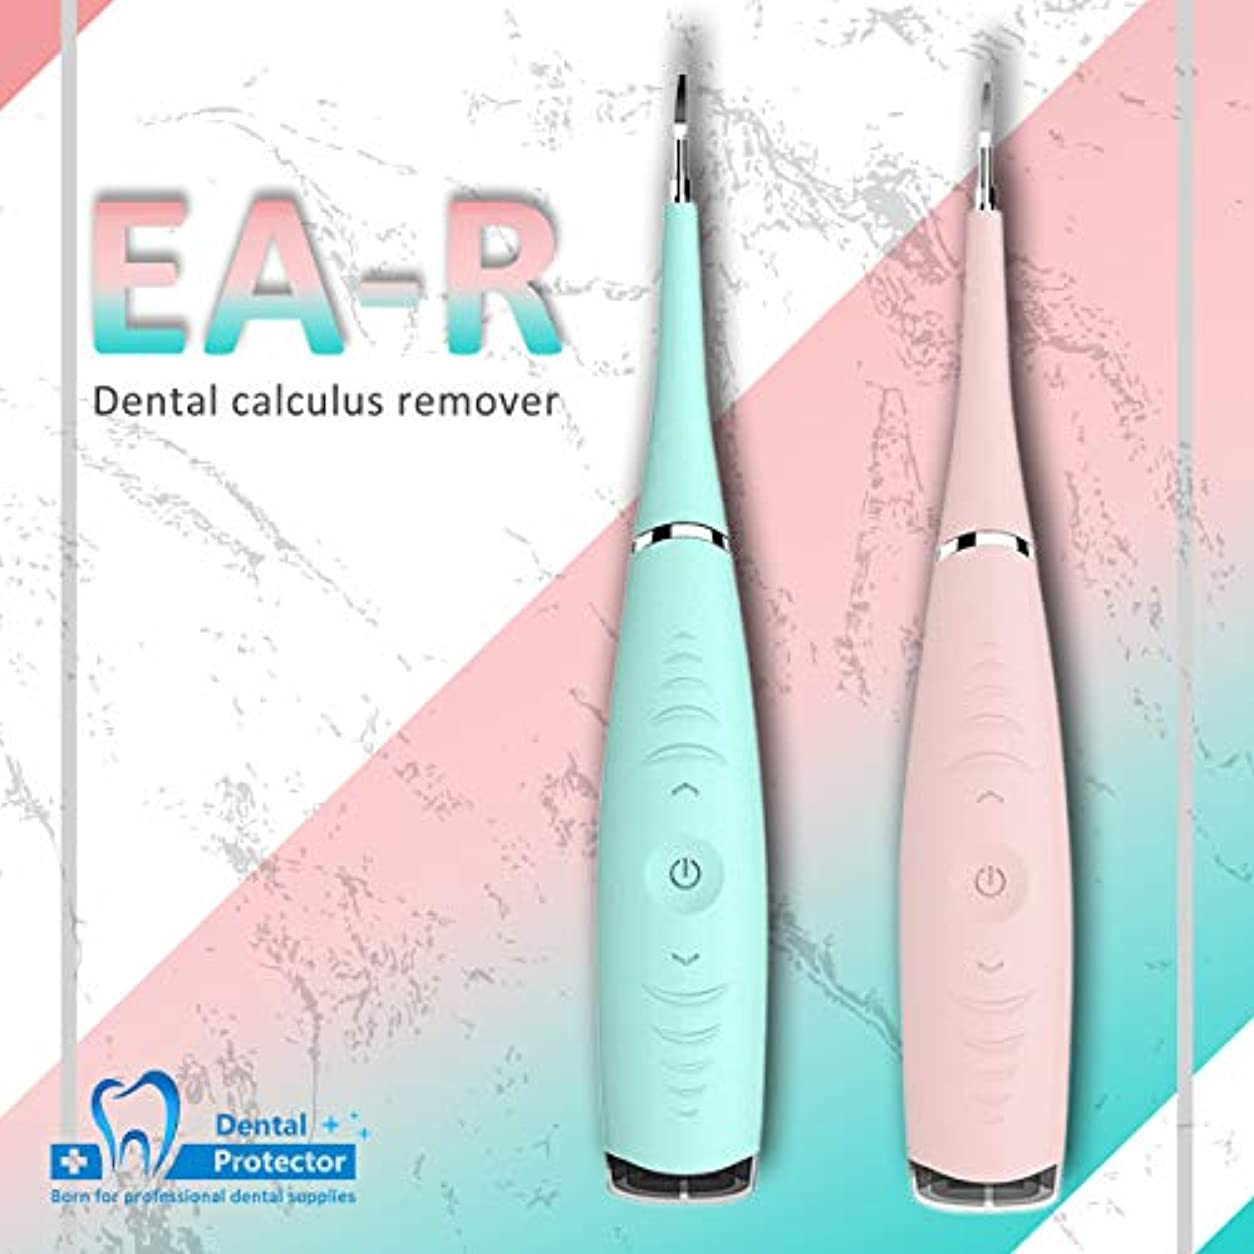 加入アデレードアボートポータブル電動ソニック歯科スケーラー歯石除去剤歯汚れ歯石ツール歯医者ホワイトニング歯健康衛生ホワイト